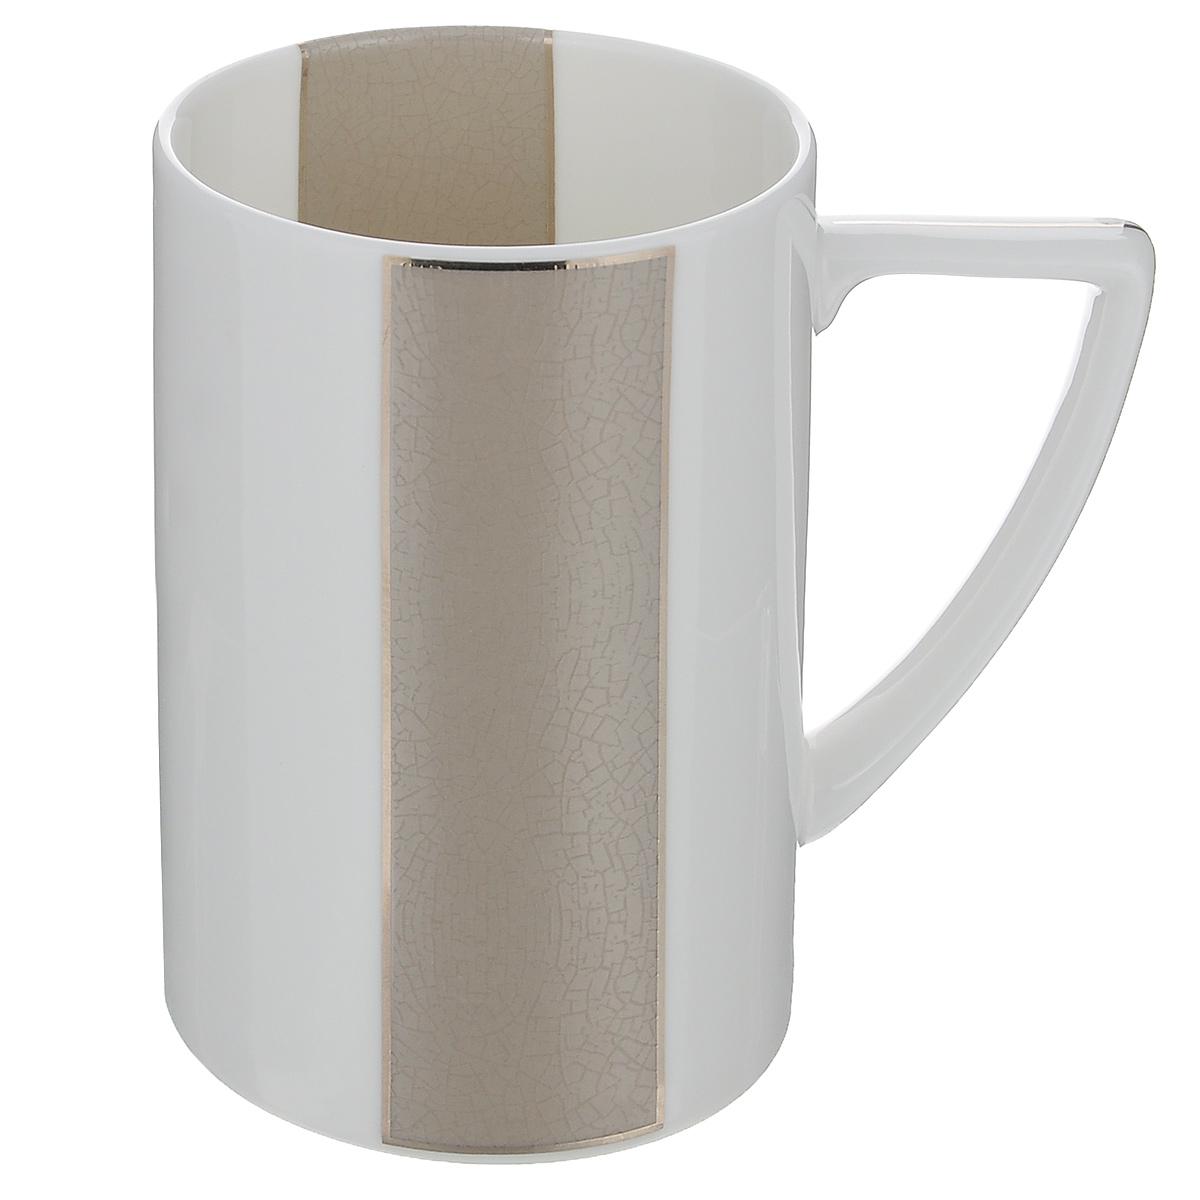 Кружка Royal Porcelain Шайн, цвет: белый, серый, 380 мл54 009312Кружка Royal Porcelain Шайн, выполненная из высококачественного костяного фарфора, декорирована цветными вставками и серебристой эмалью. Изделие оснащено удобной ручкой. Основными достоинствами изделий из костяного фарфора являются прочность и абсолютно гладкая глазуровка. Кружка сочетает в себе оригинальный дизайн и функциональность. Благодаря такой кружке пить напитки будет еще вкуснее. Кружка Royal Porcelain Шайн согреет вас долгими холодными вечерами. Не рекомендуется использовать в посудомоечной машине и микроволновой печи. Объем: 380 мл.Диаметр (по верхнему краю): 7,5 см.Высота кружки: 11 см.